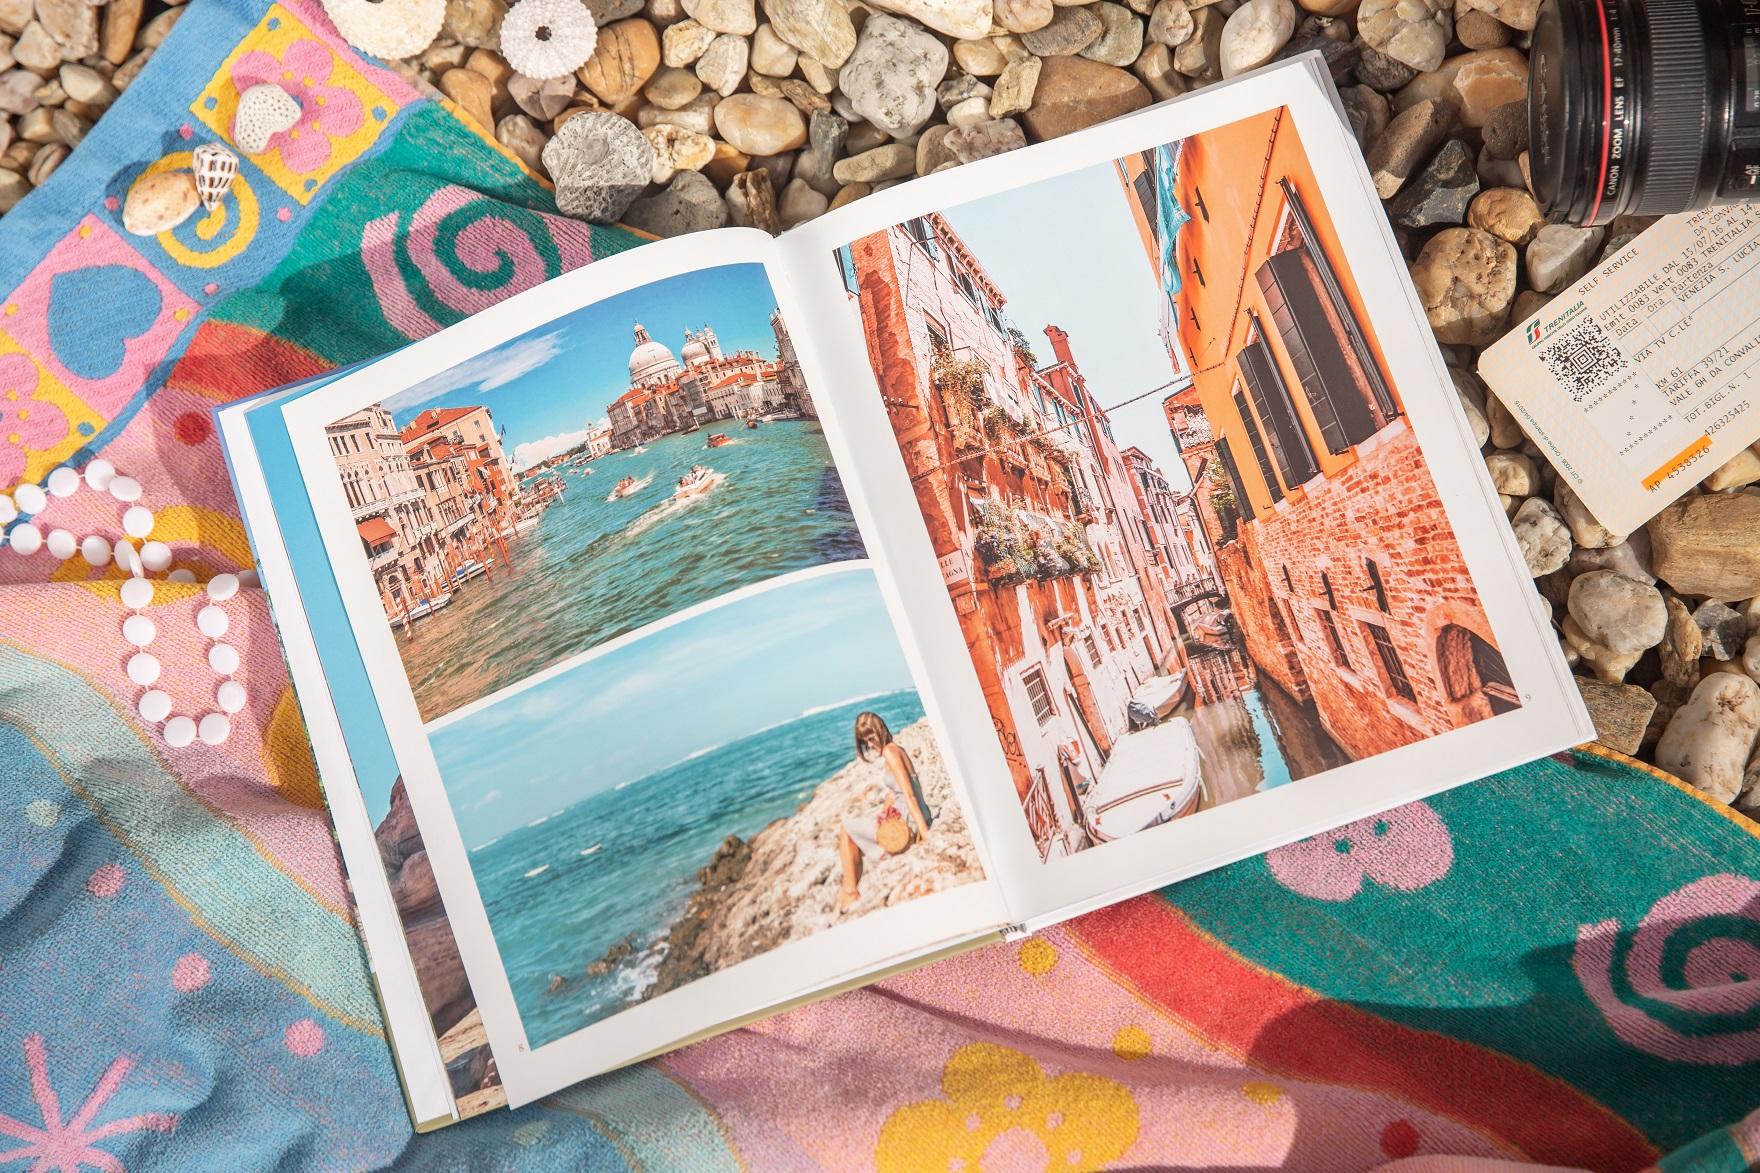 Bontia_fotoknihy pre fotky z dovolenky (4).jpg